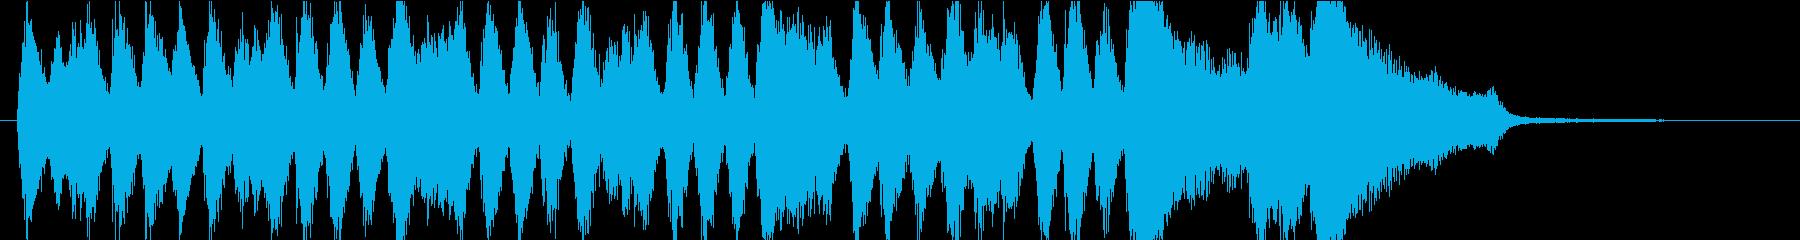 オーケストラのファンファーレ。メロディ無の再生済みの波形